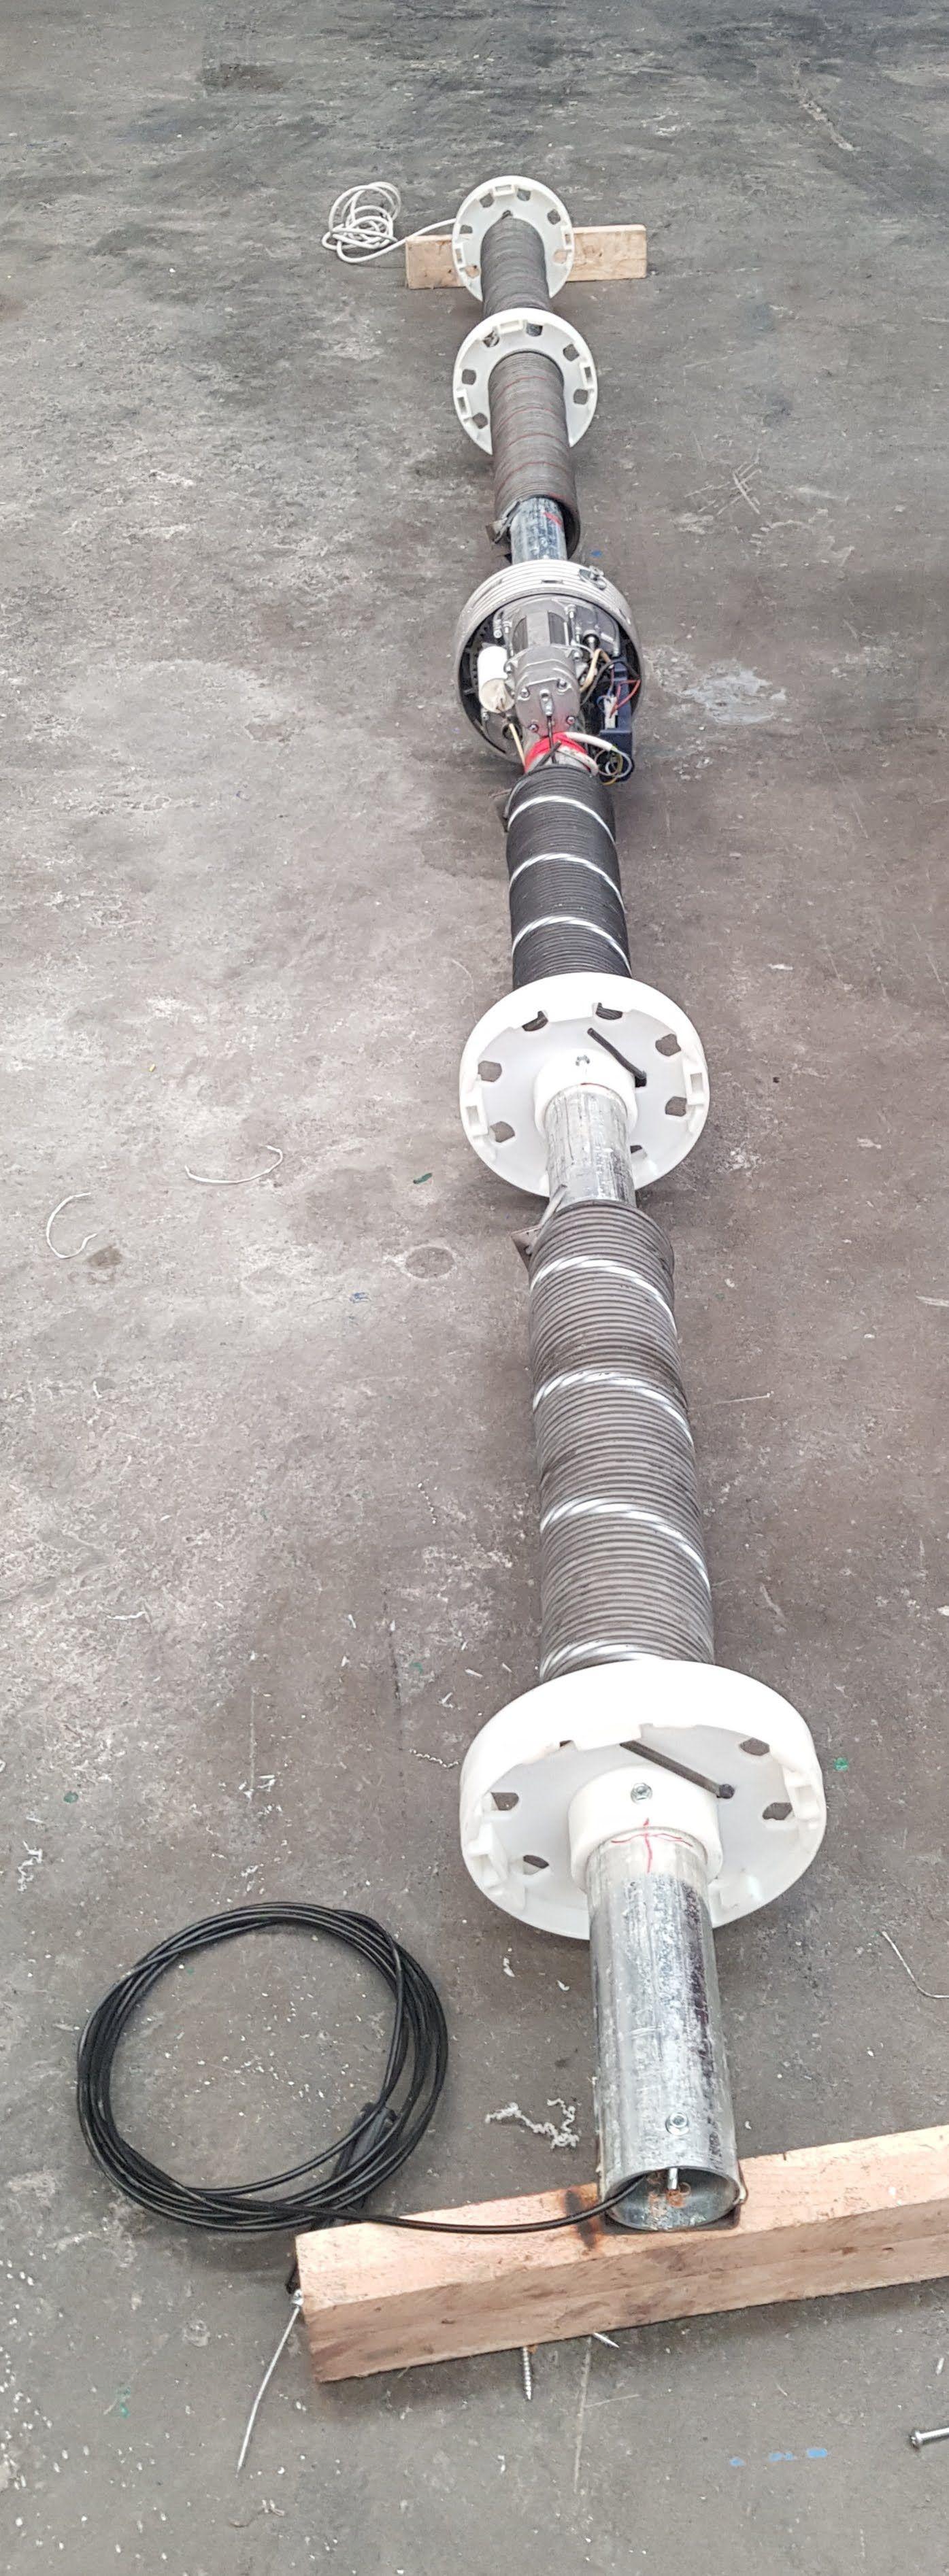 Foto 112 de Mantenimiento industrial en Icod de los Vinos | AGM Reparaciones y Mantenimientos